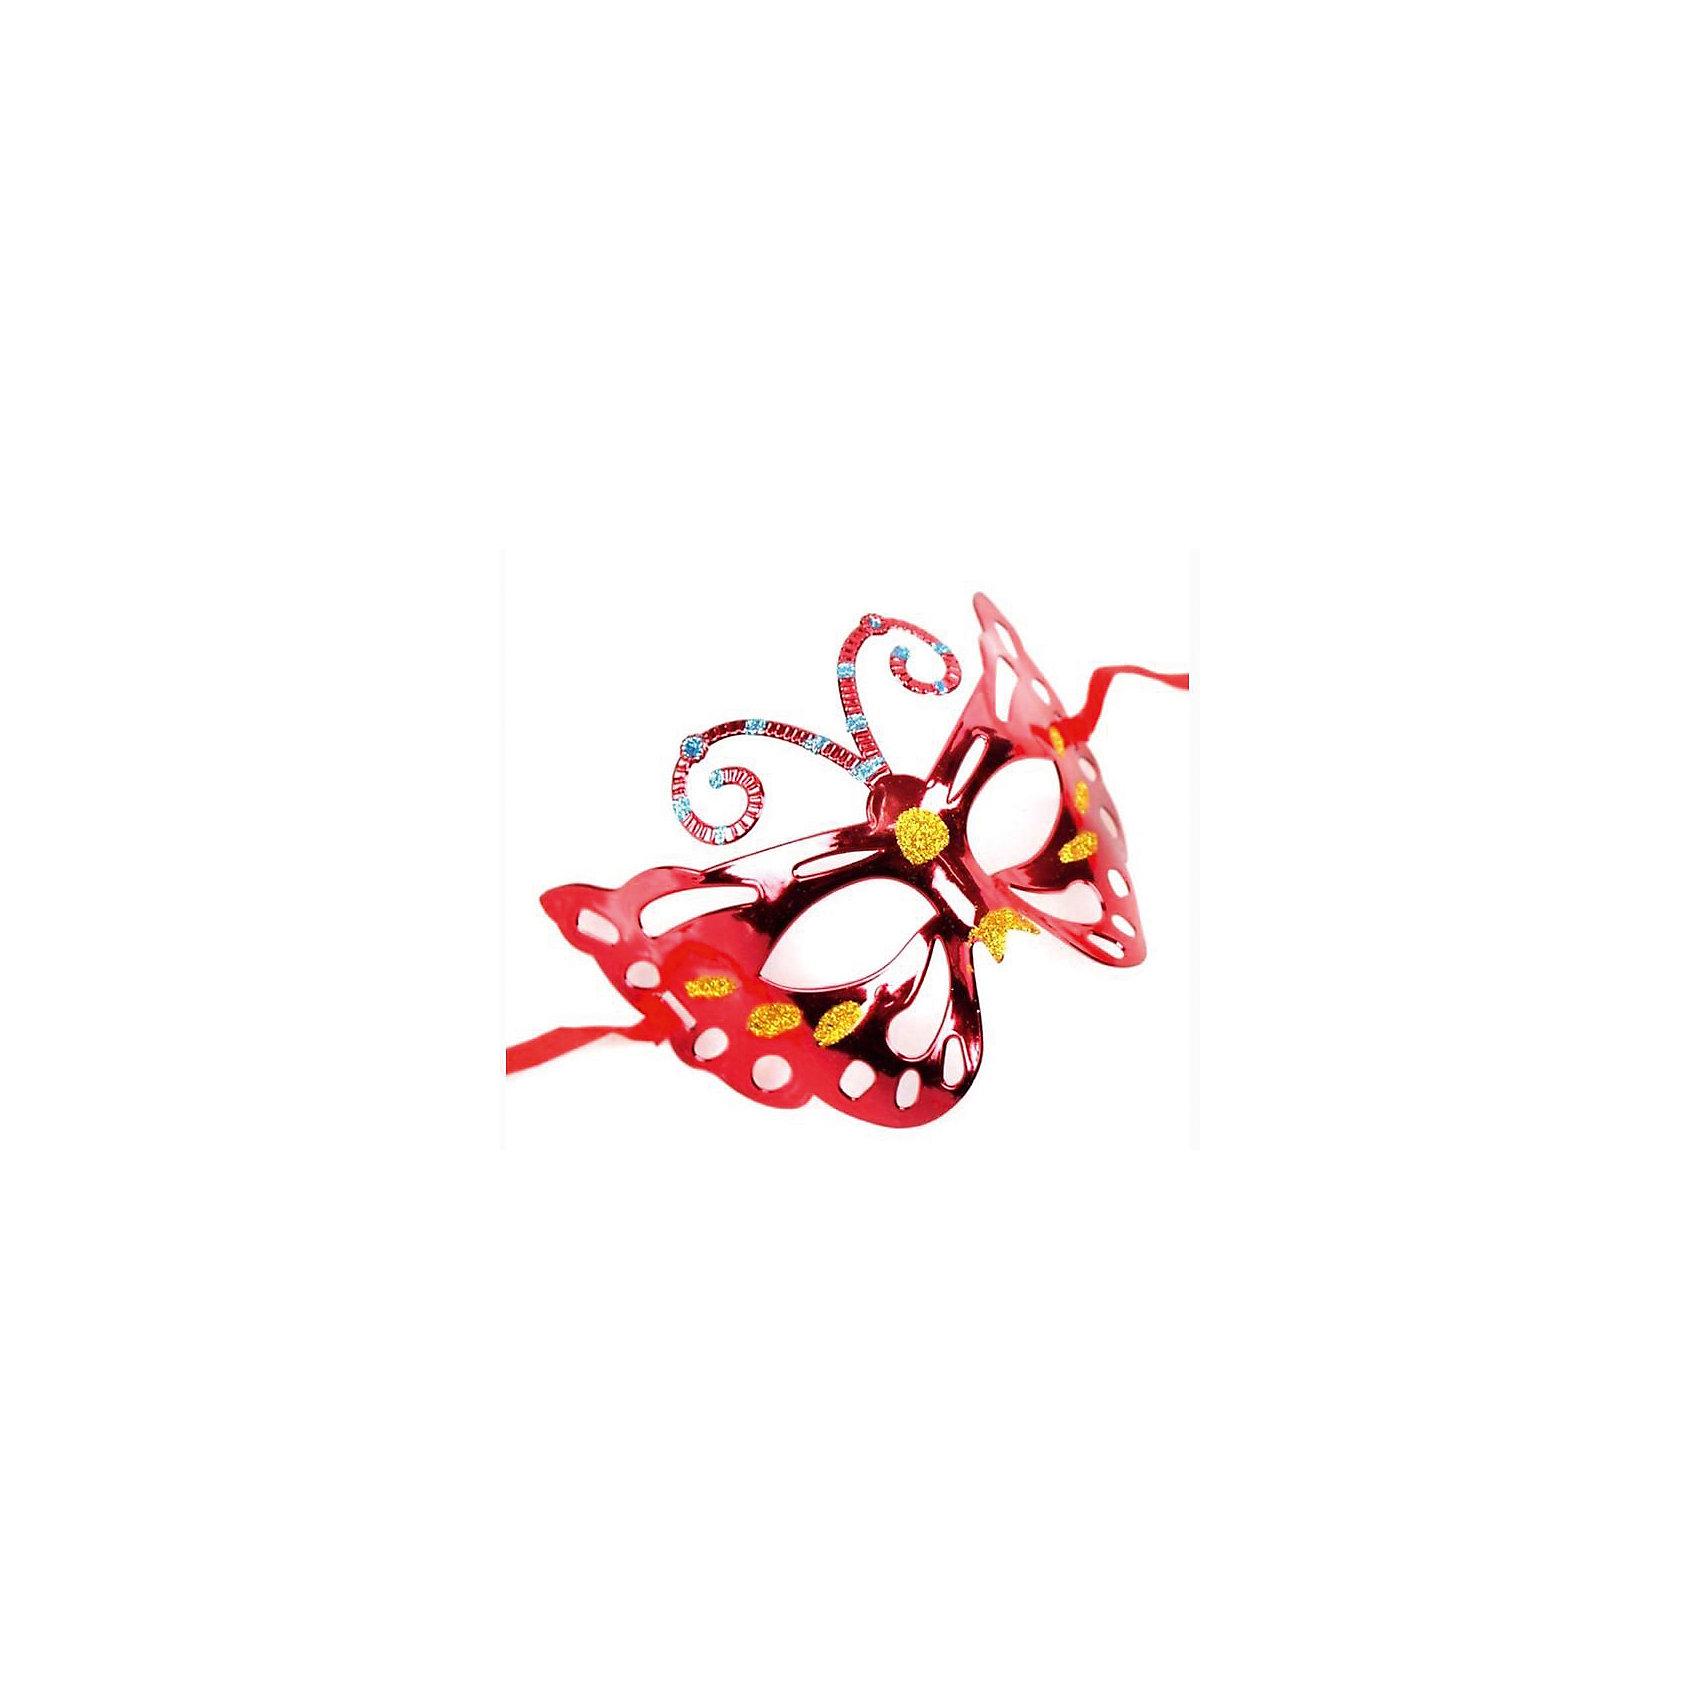 Маскарадная маска КраснаяМаскарадная маска - отличный новогодний аксессуар! Блестящая маска подойдет к любому наряду и эффектно дополнит праздничный образ. <br><br>Дополнительная информация:<br><br>- Материал: ПВХ. <br>- Размер: 22х14 см.<br>- Крепится с помощью атласной ленты. <br><br>Маскарадную маску Красную можно купить в нашем магазине.<br><br>Ширина мм: 220<br>Глубина мм: 130<br>Высота мм: 10<br>Вес г: 28<br>Возраст от месяцев: 36<br>Возраст до месяцев: 2147483647<br>Пол: Унисекс<br>Возраст: Детский<br>SKU: 4981300